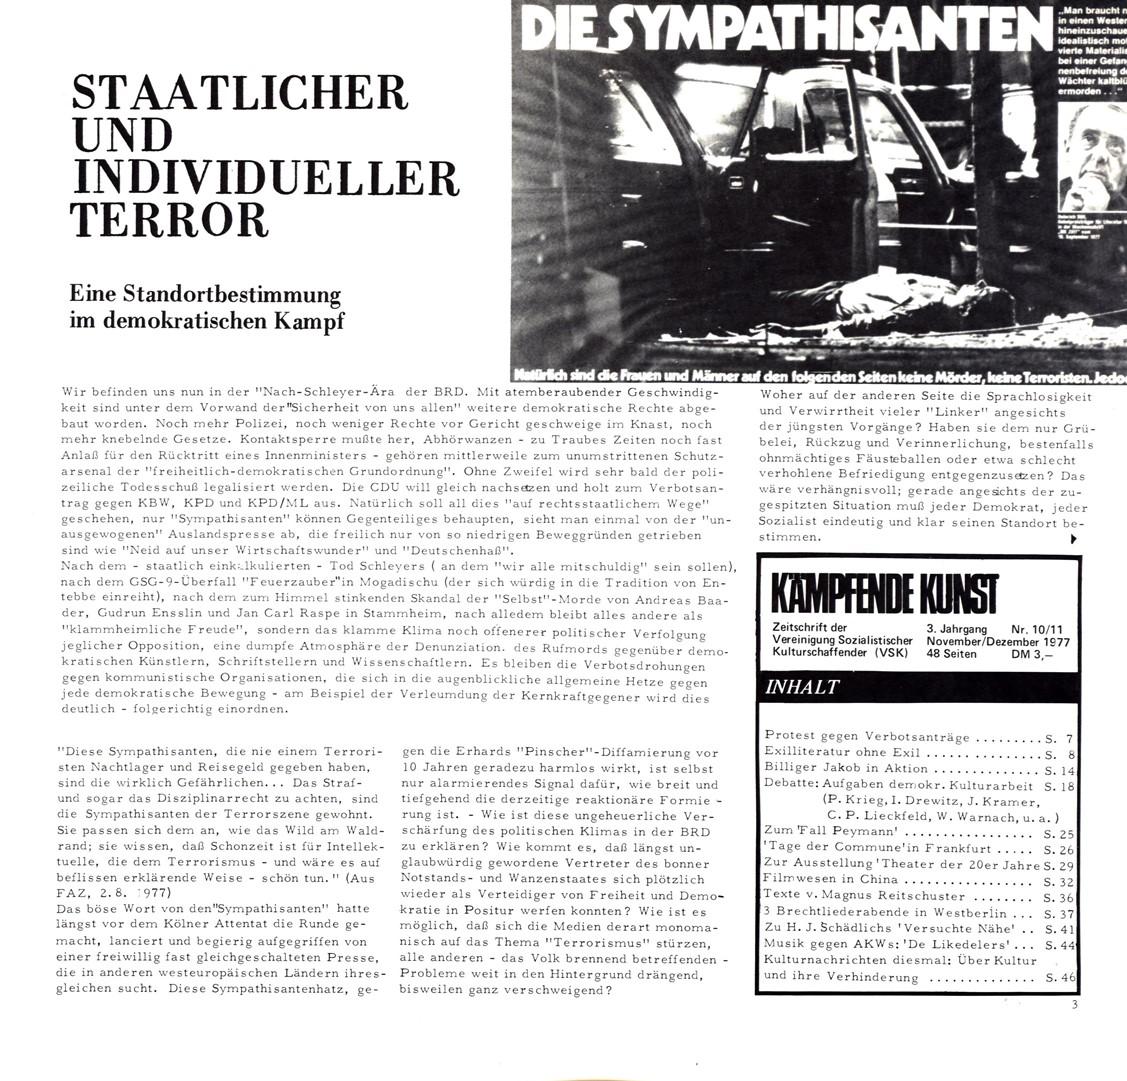 VSK_Kaempfende_Kunst_19771200_03